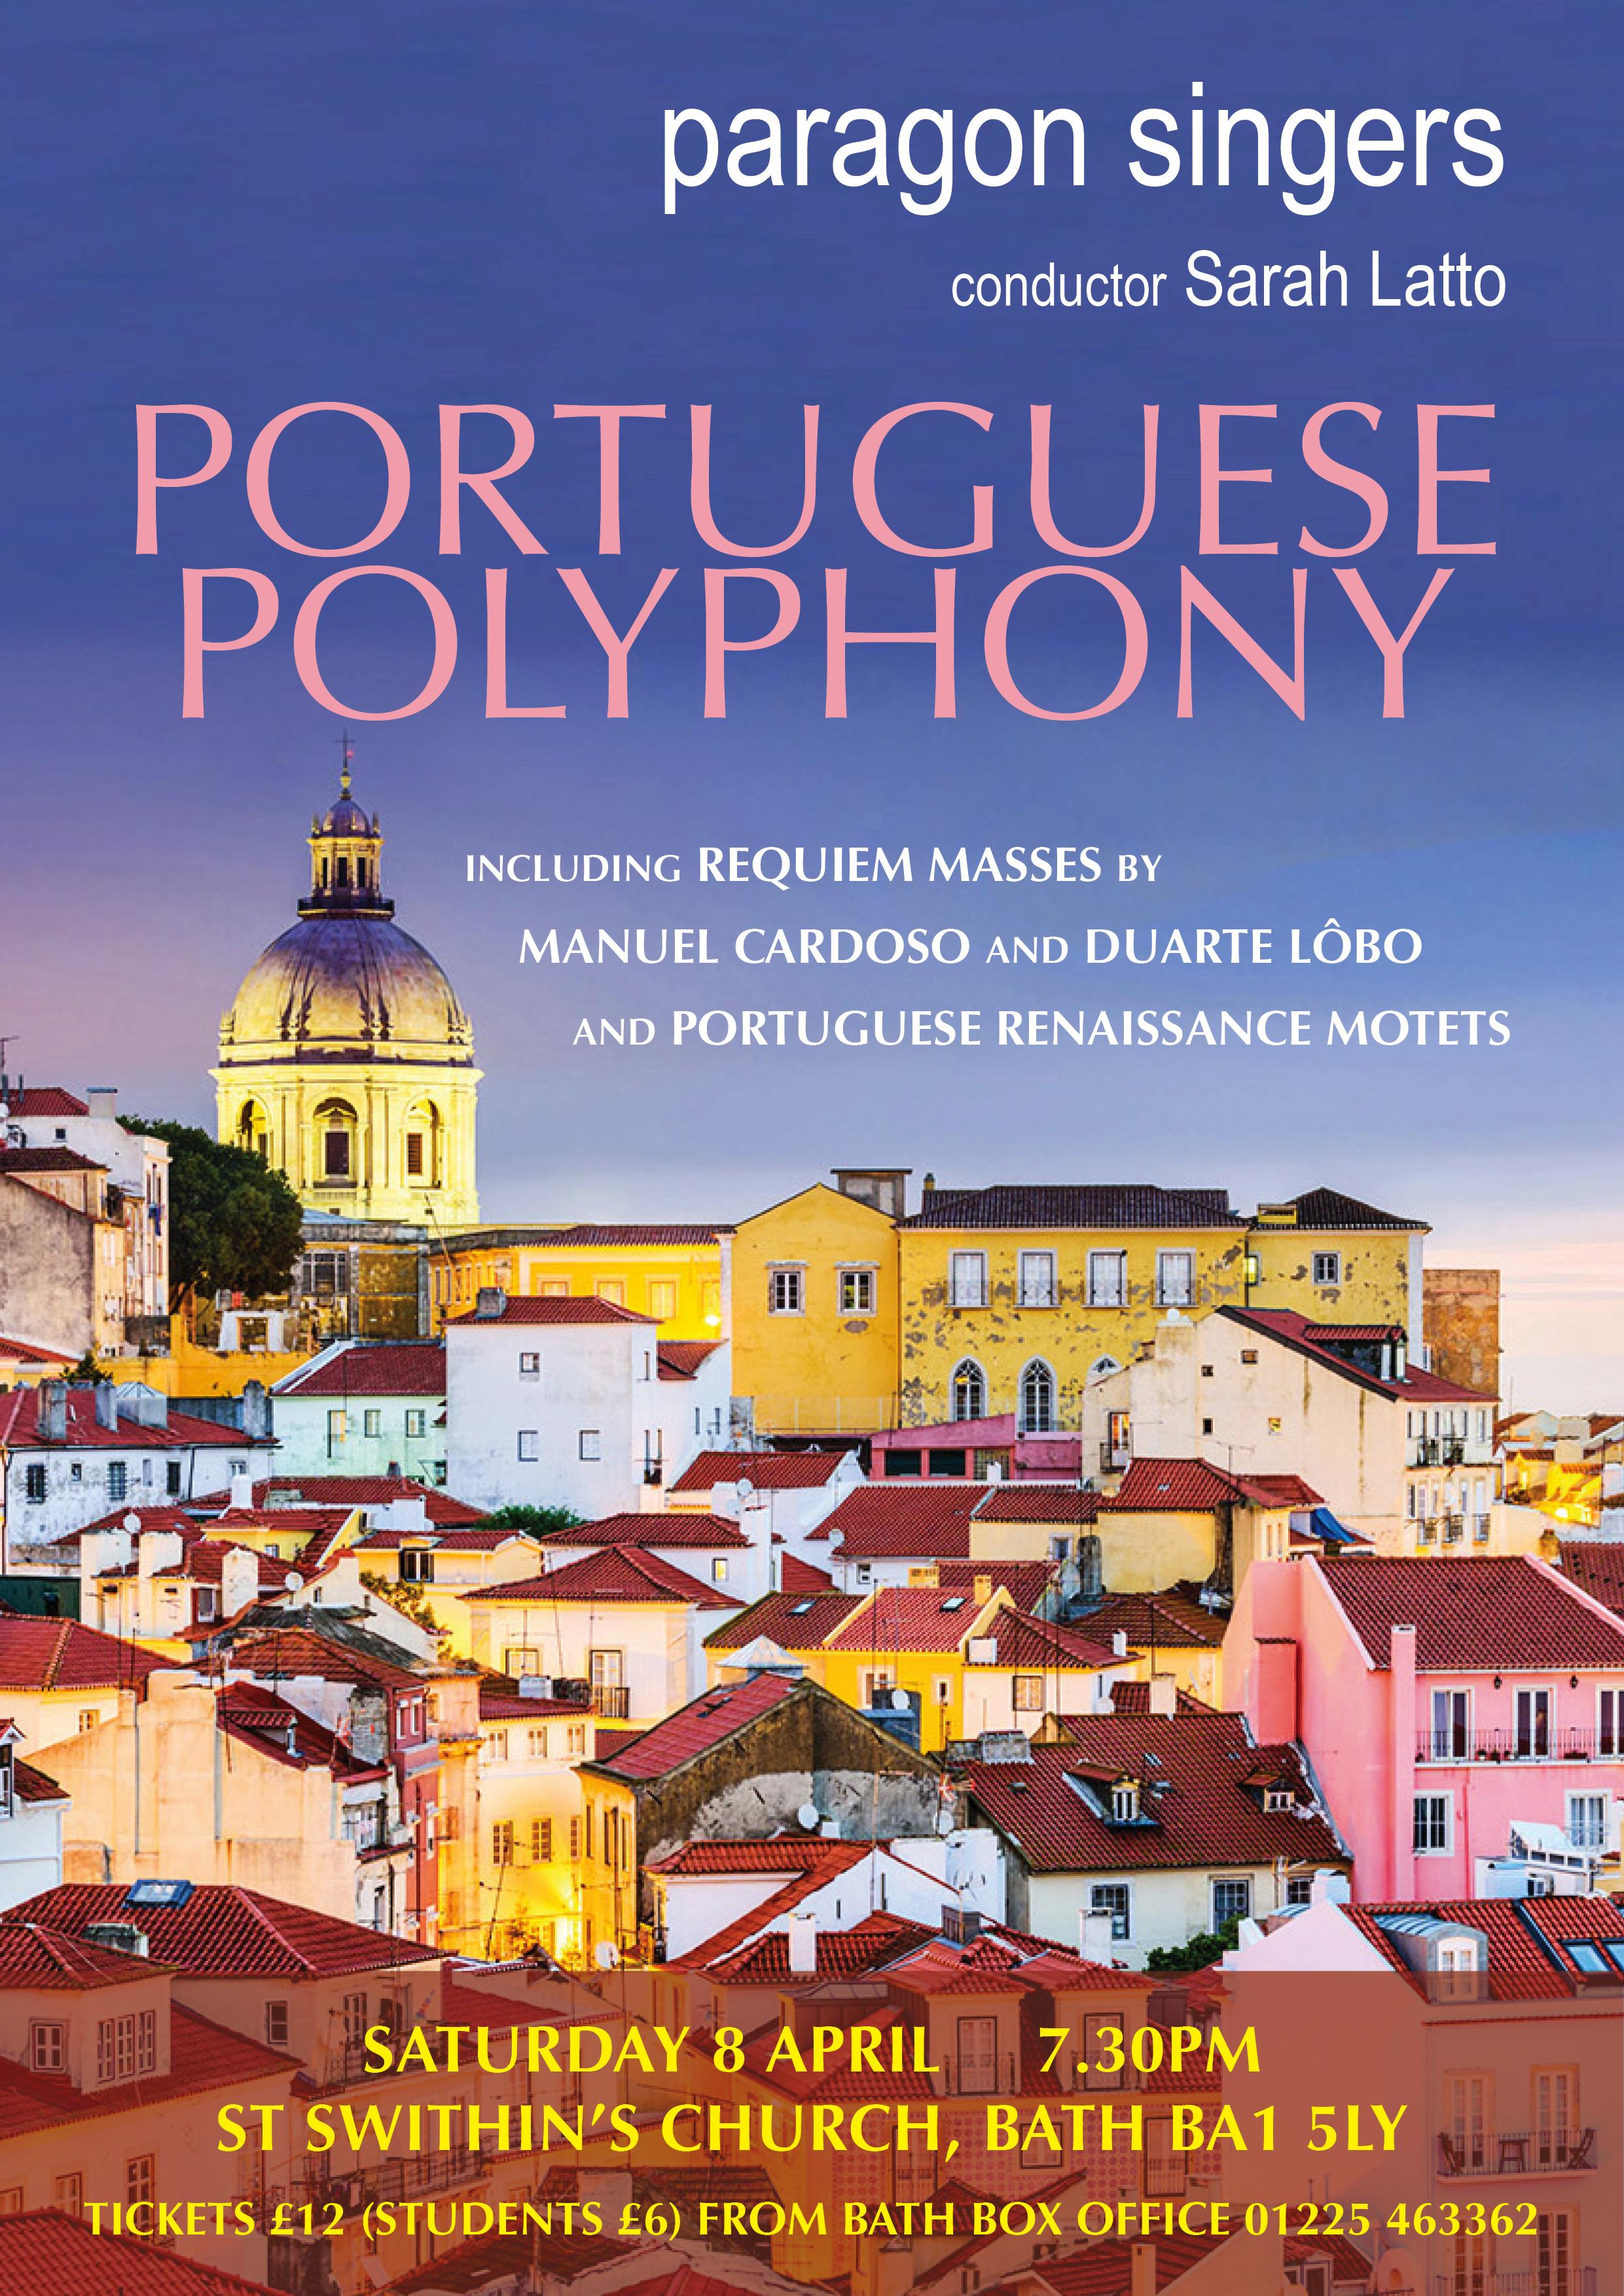 17-04 Portuguese Polyphony.jpg